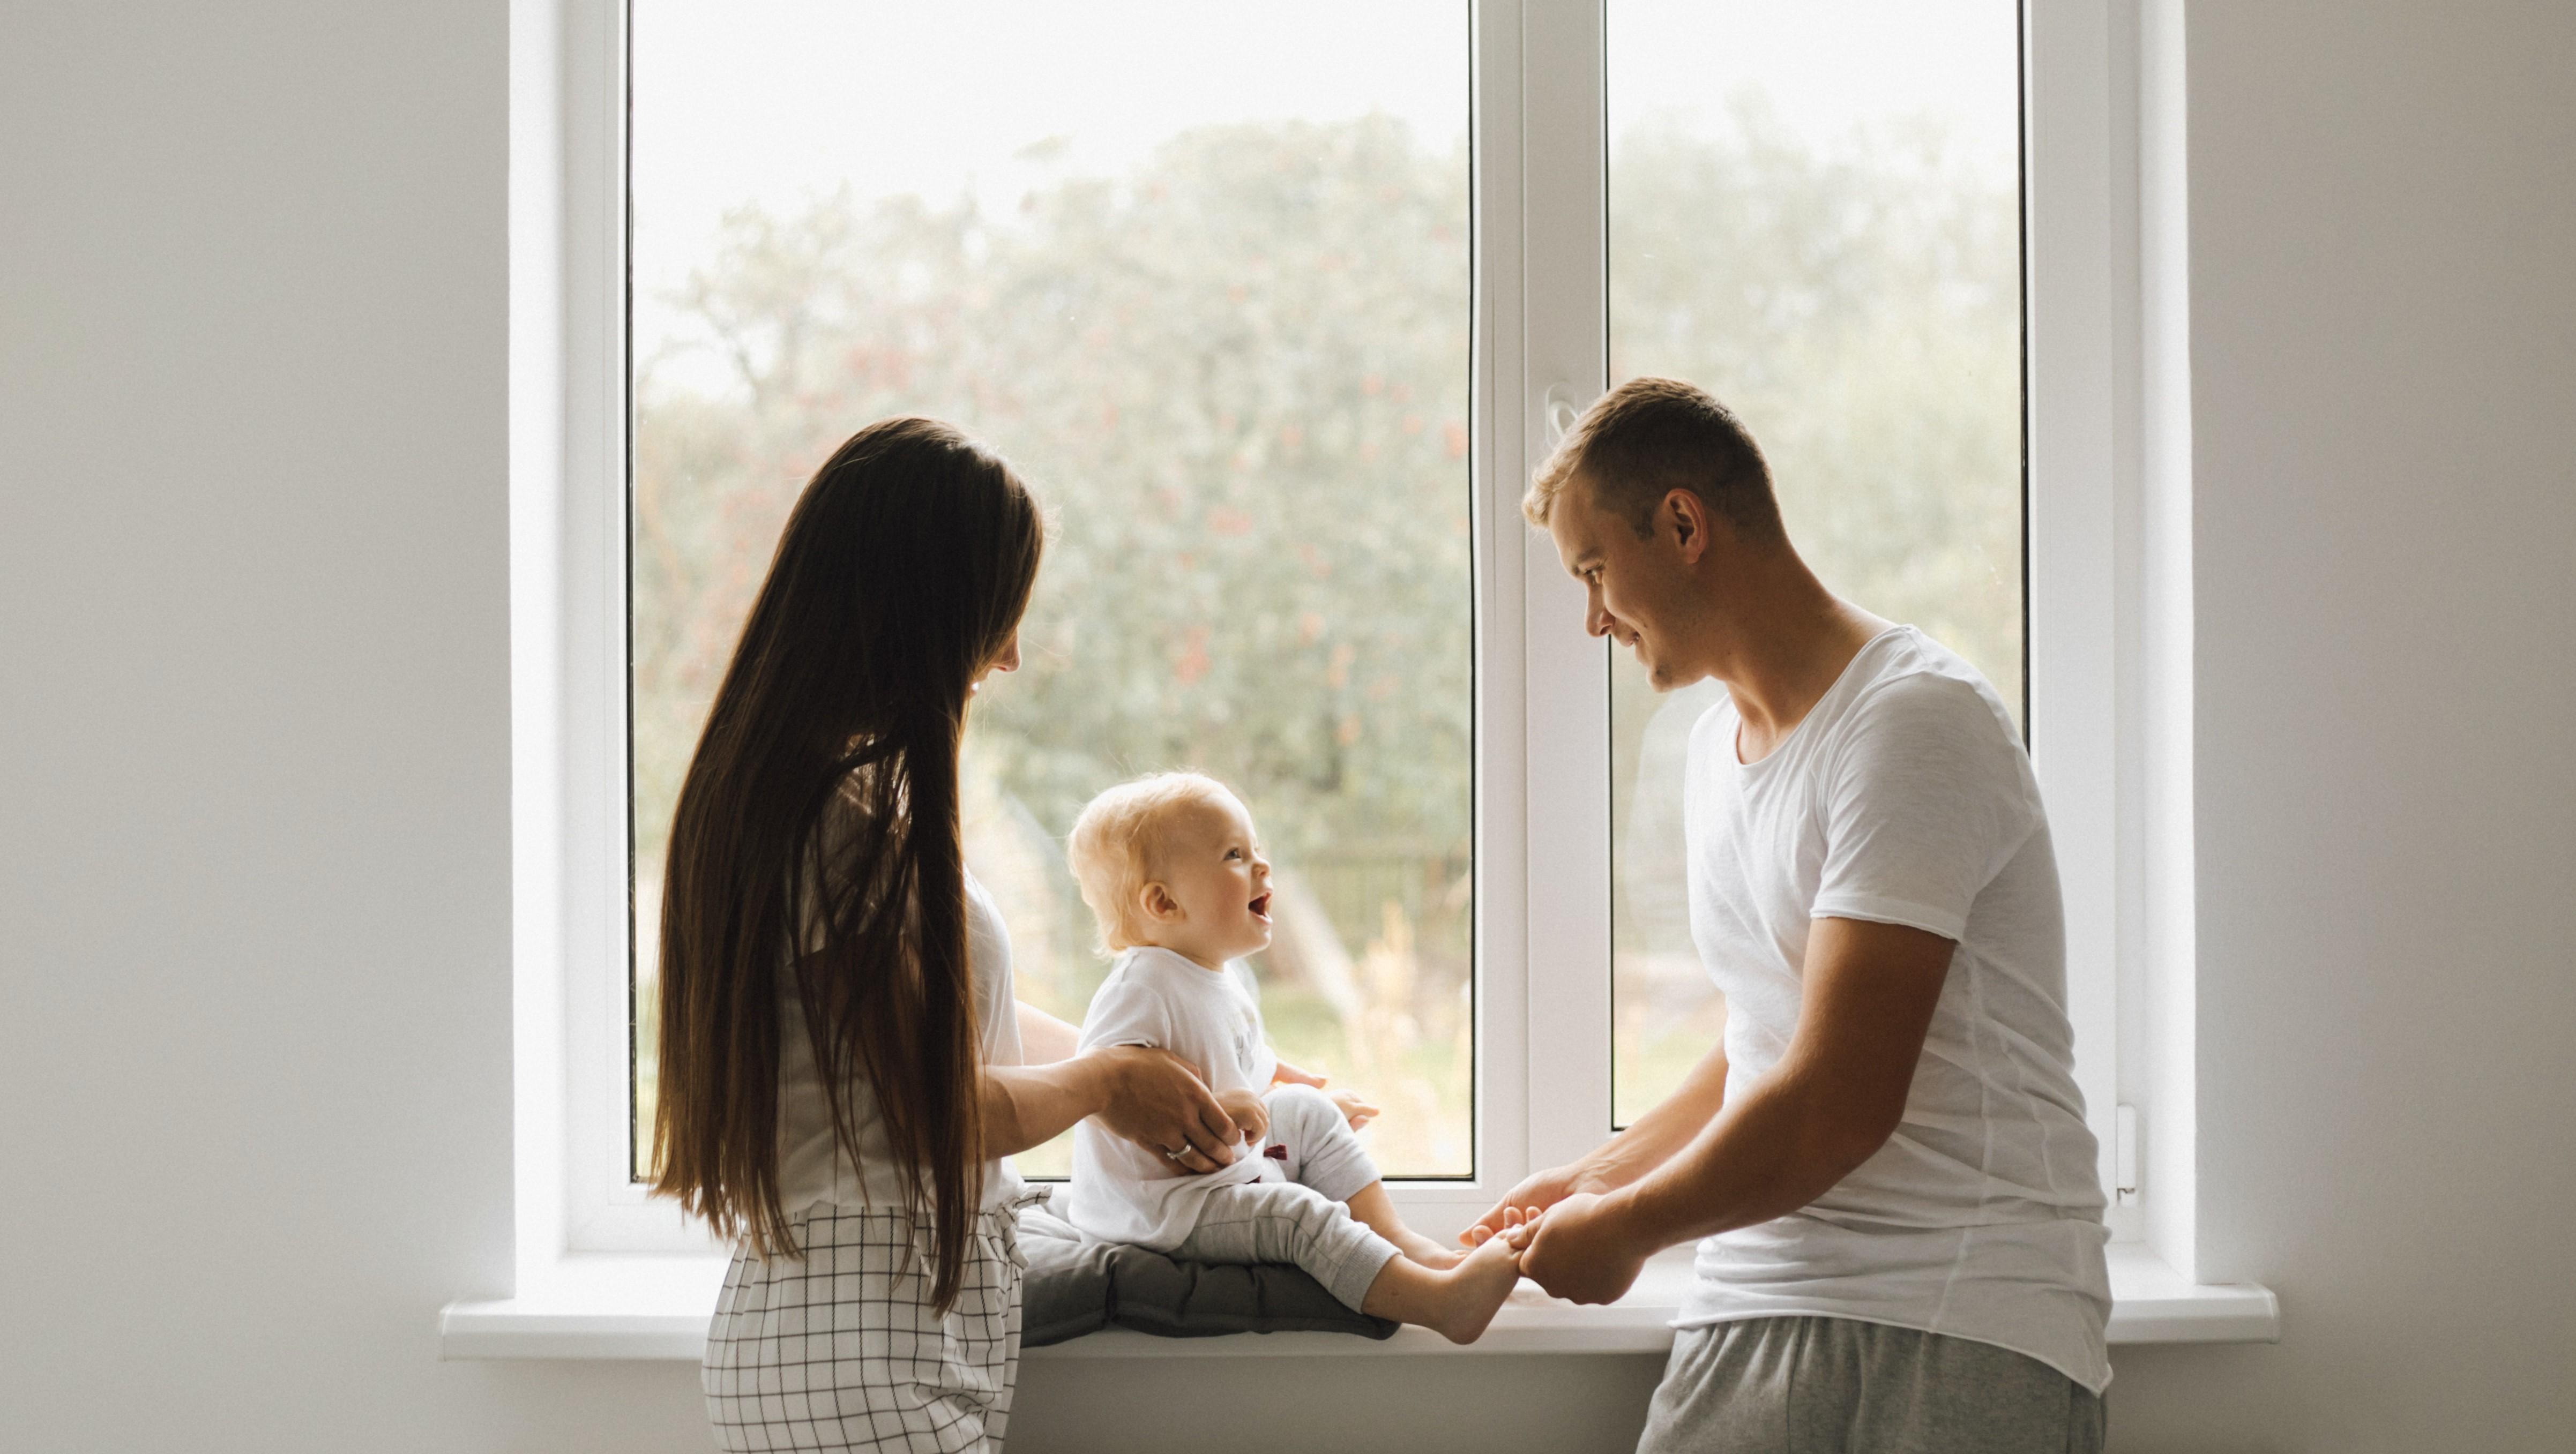 Comment calmer son bébé ? 4 astuces incontournables